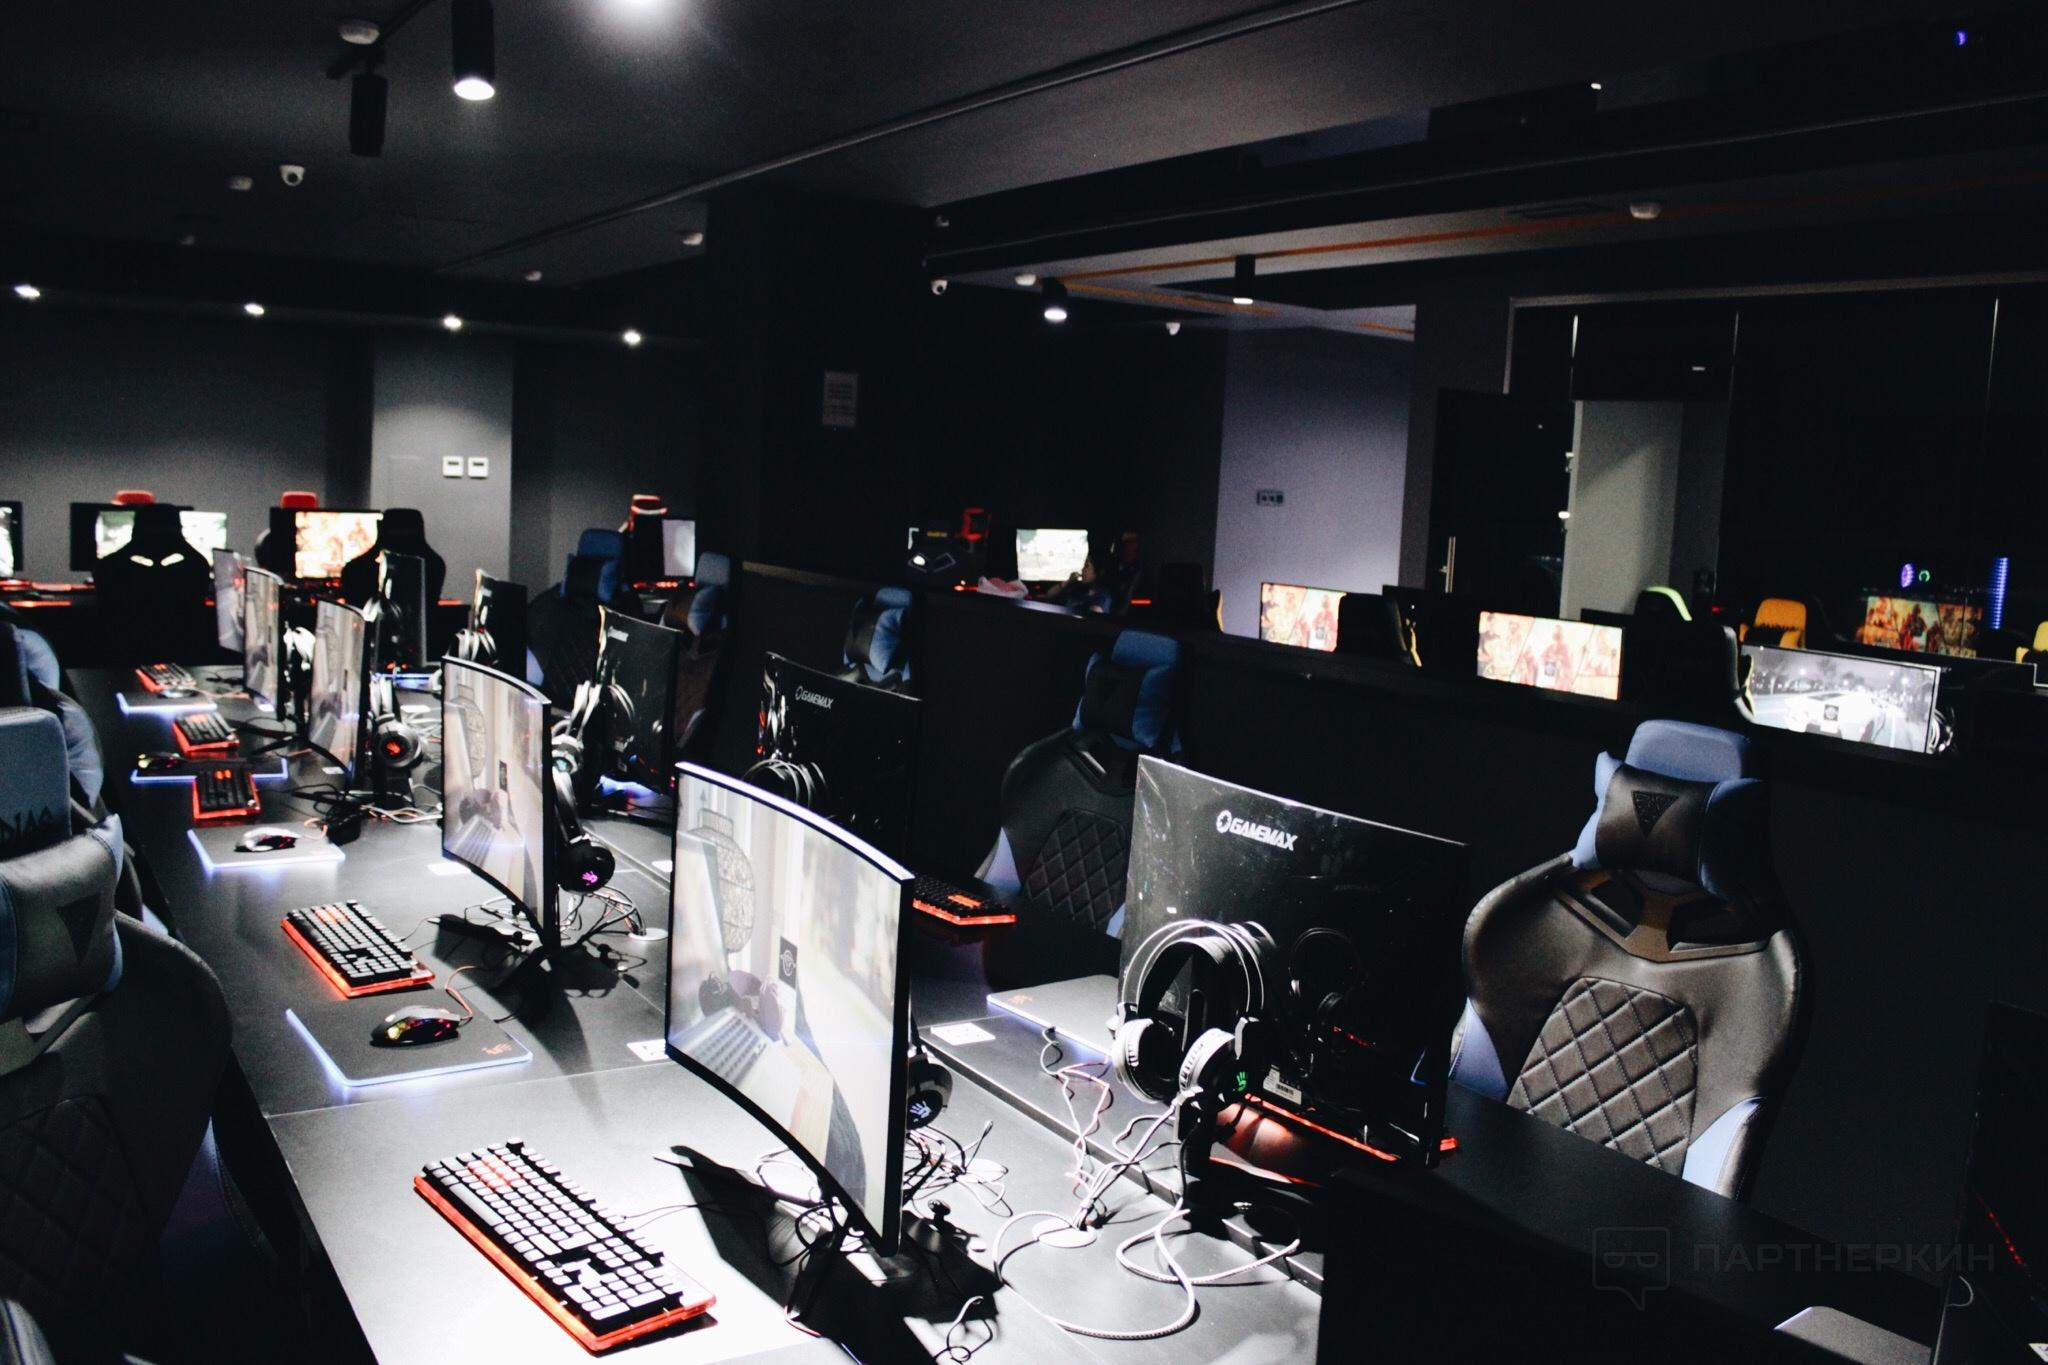 компьютерные клубы в москве которые работают